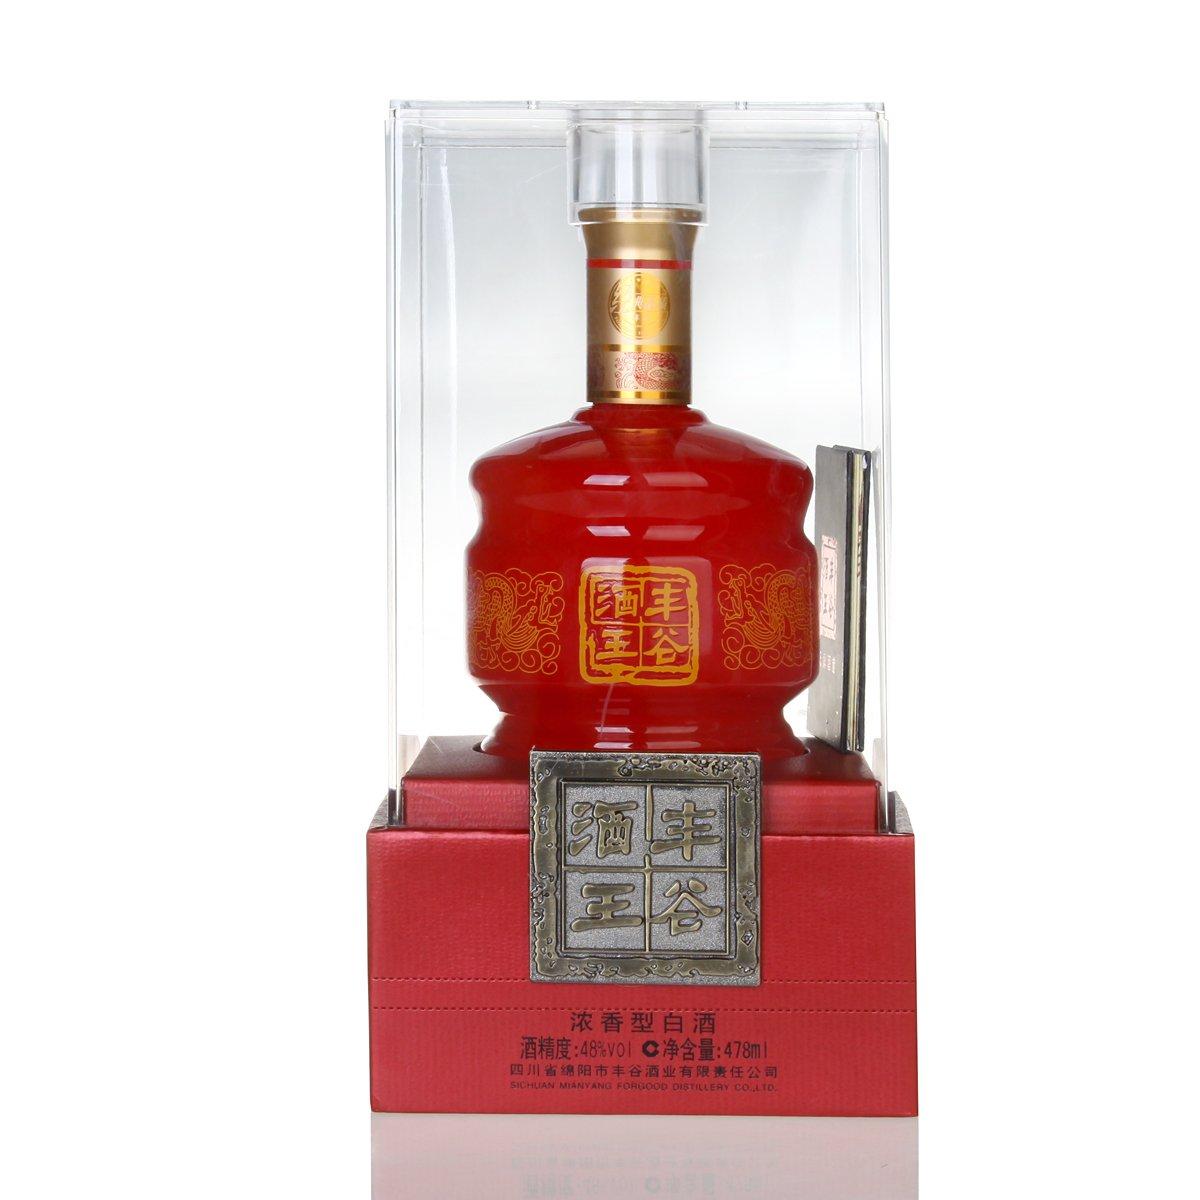 丰谷_48度 丰谷 酒王酒 478ml